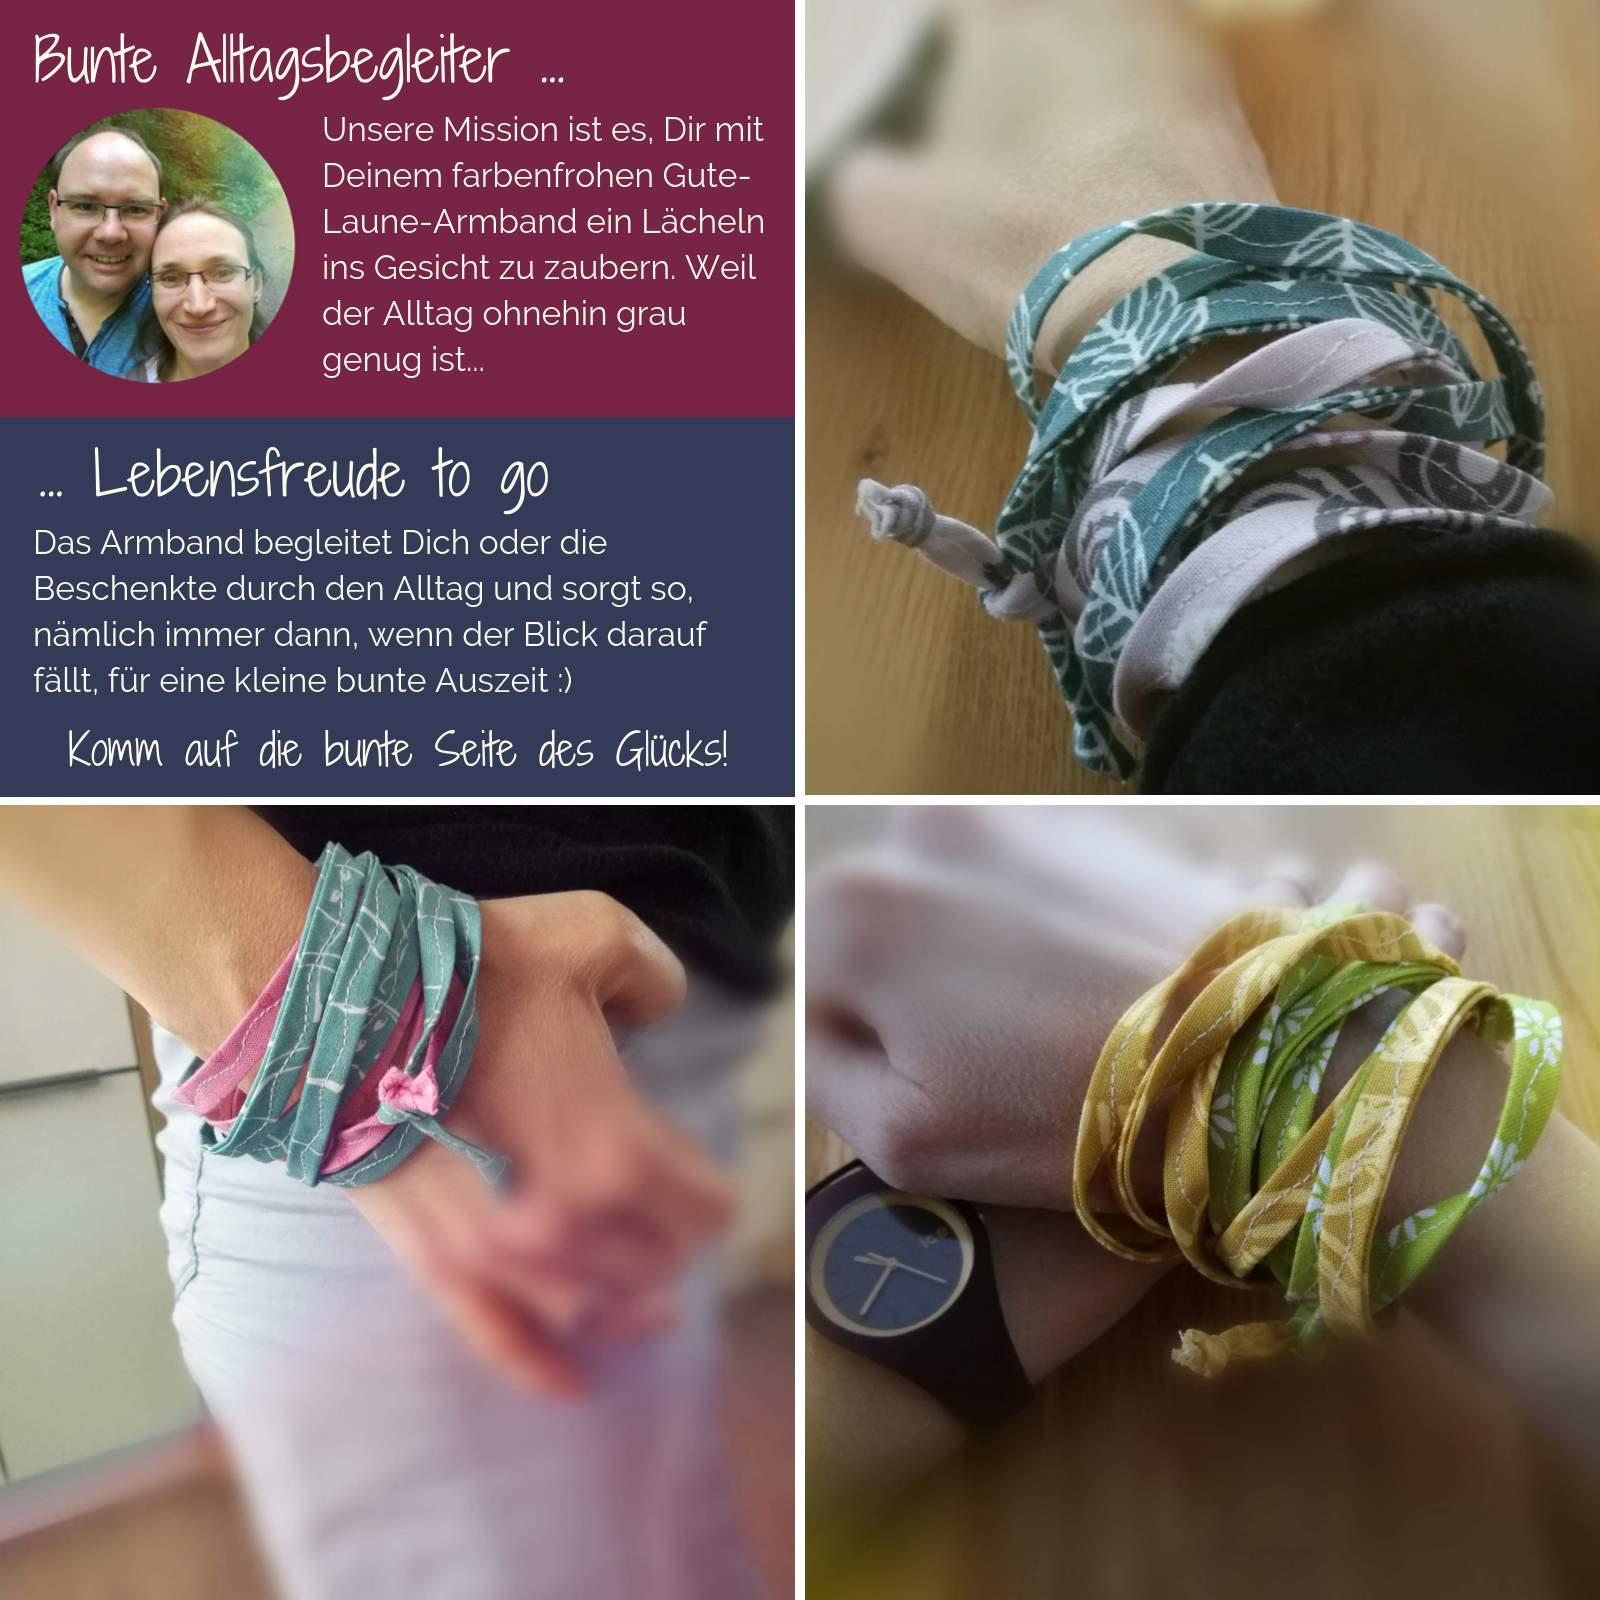 Bild von verschiedenen Armbändern